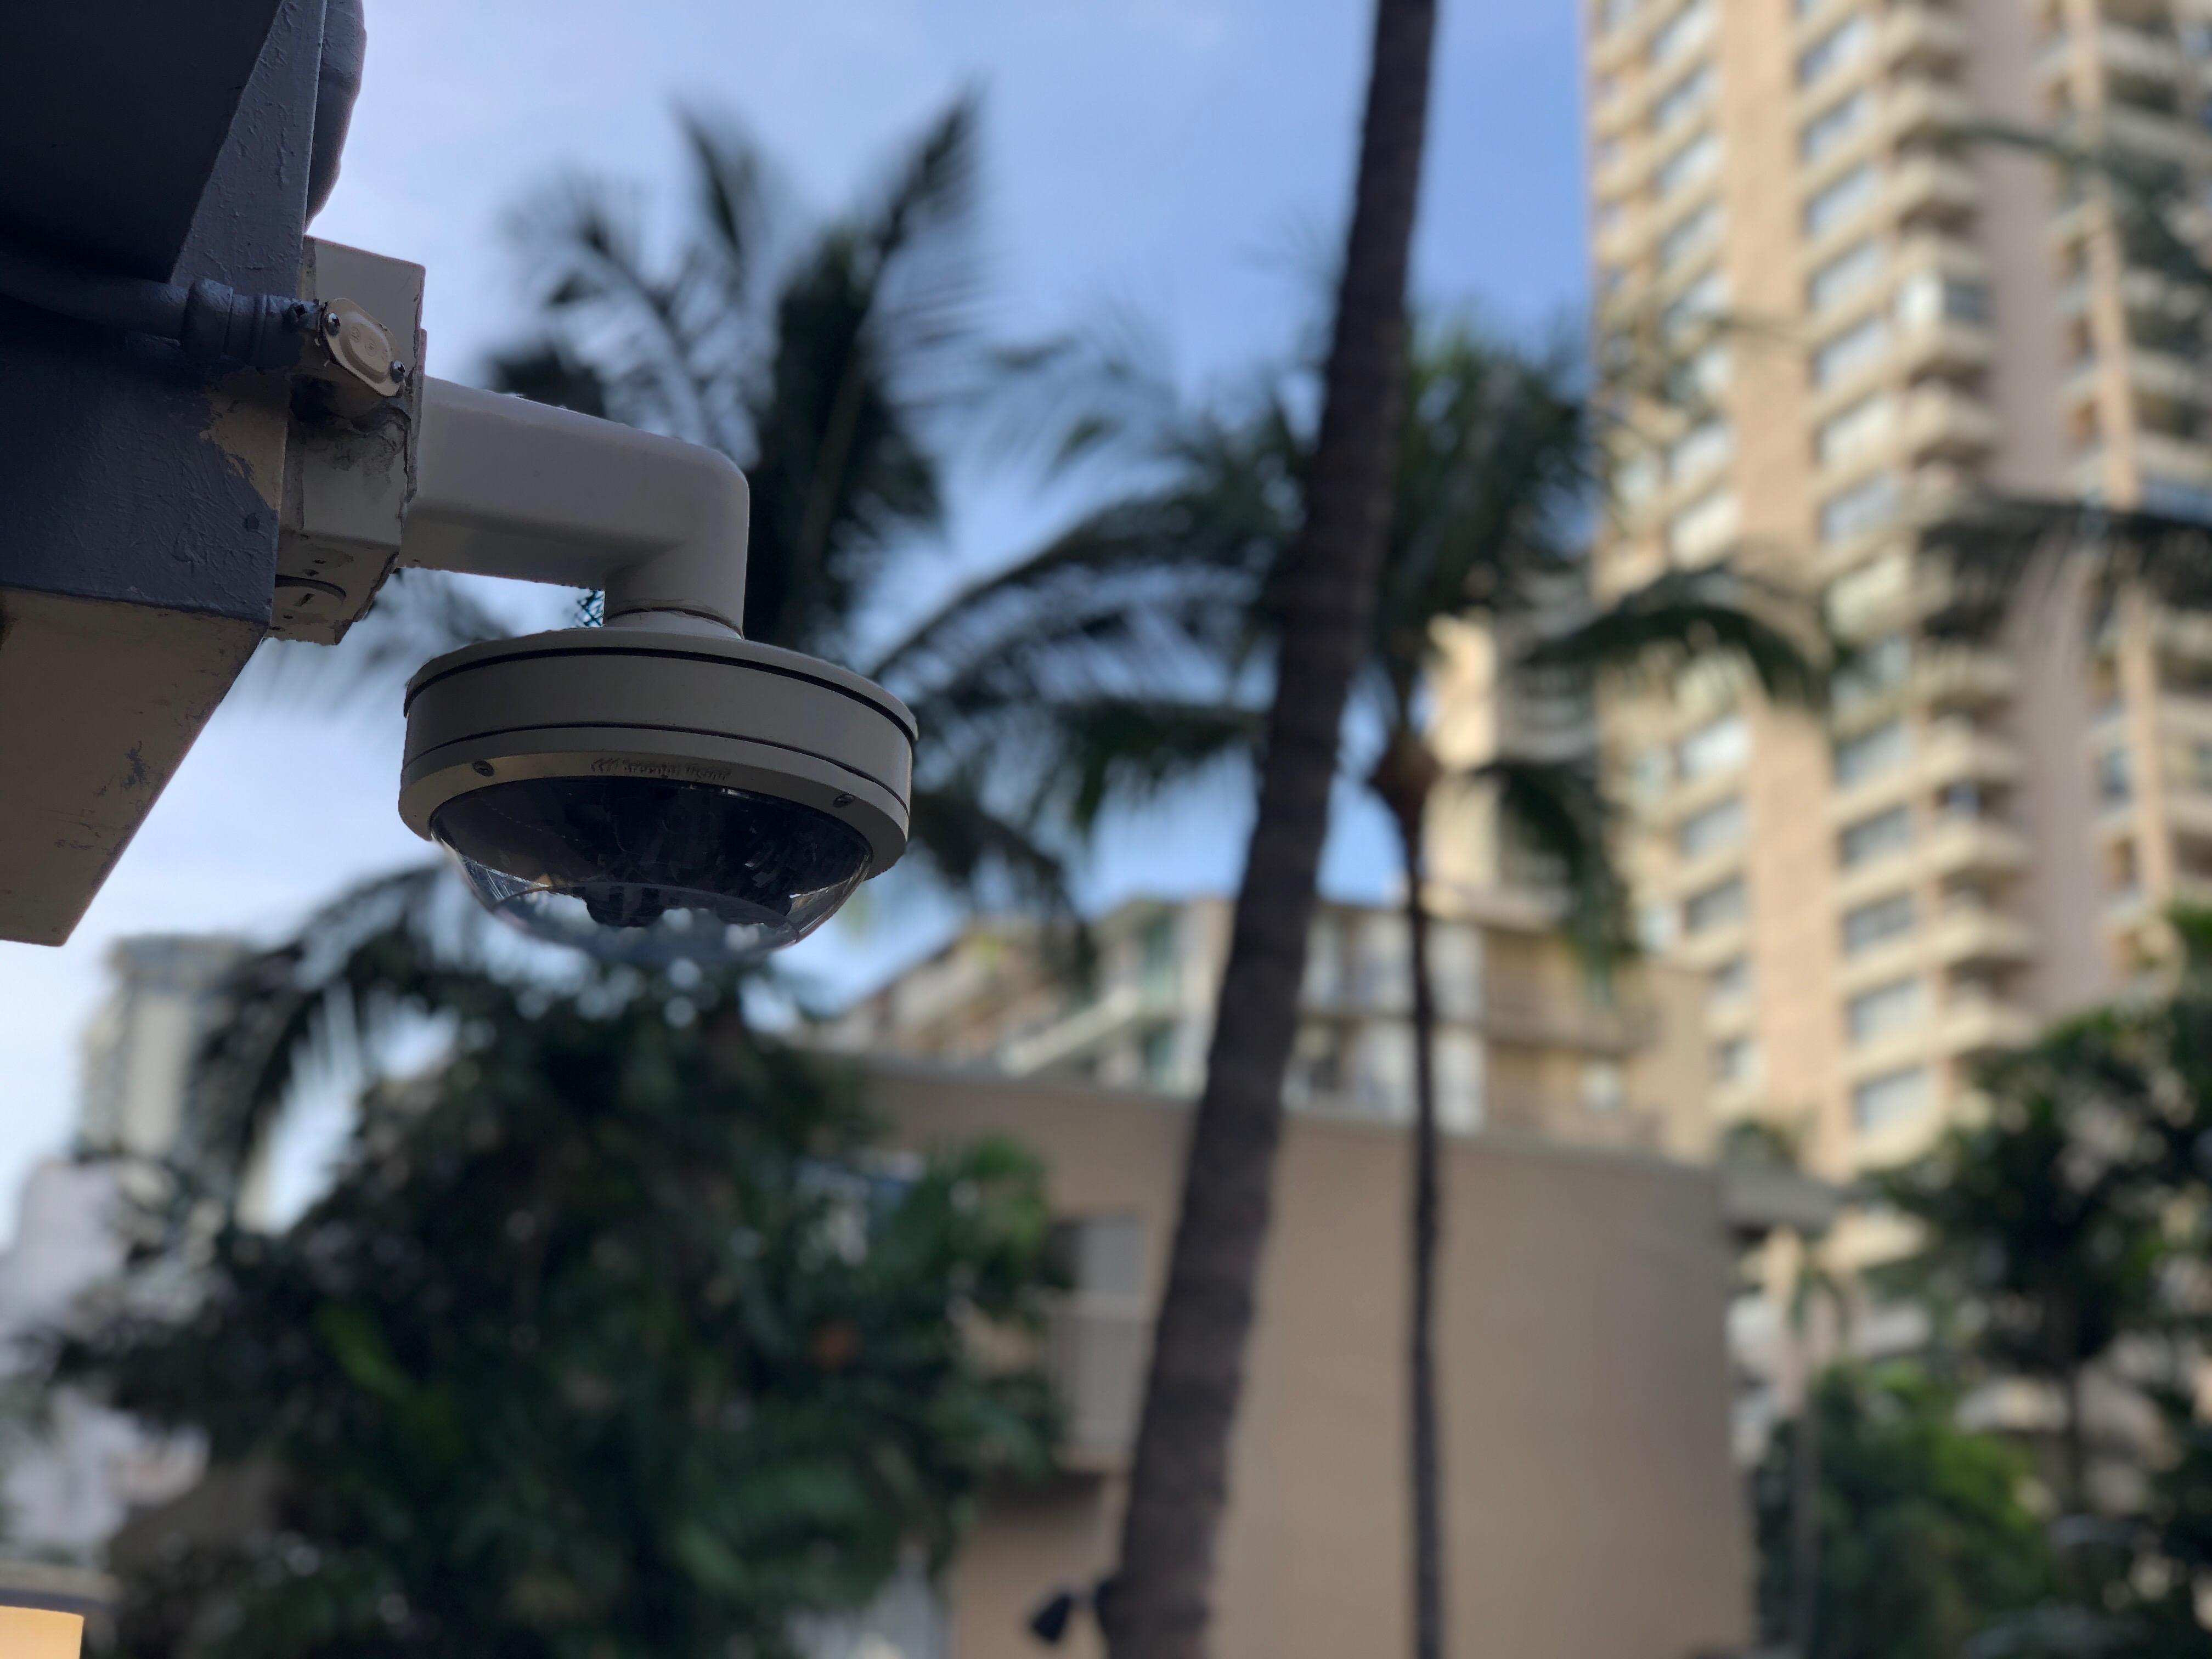 Courtyard Marriott Hotel, Waikiki, Honolulu, Hawaii